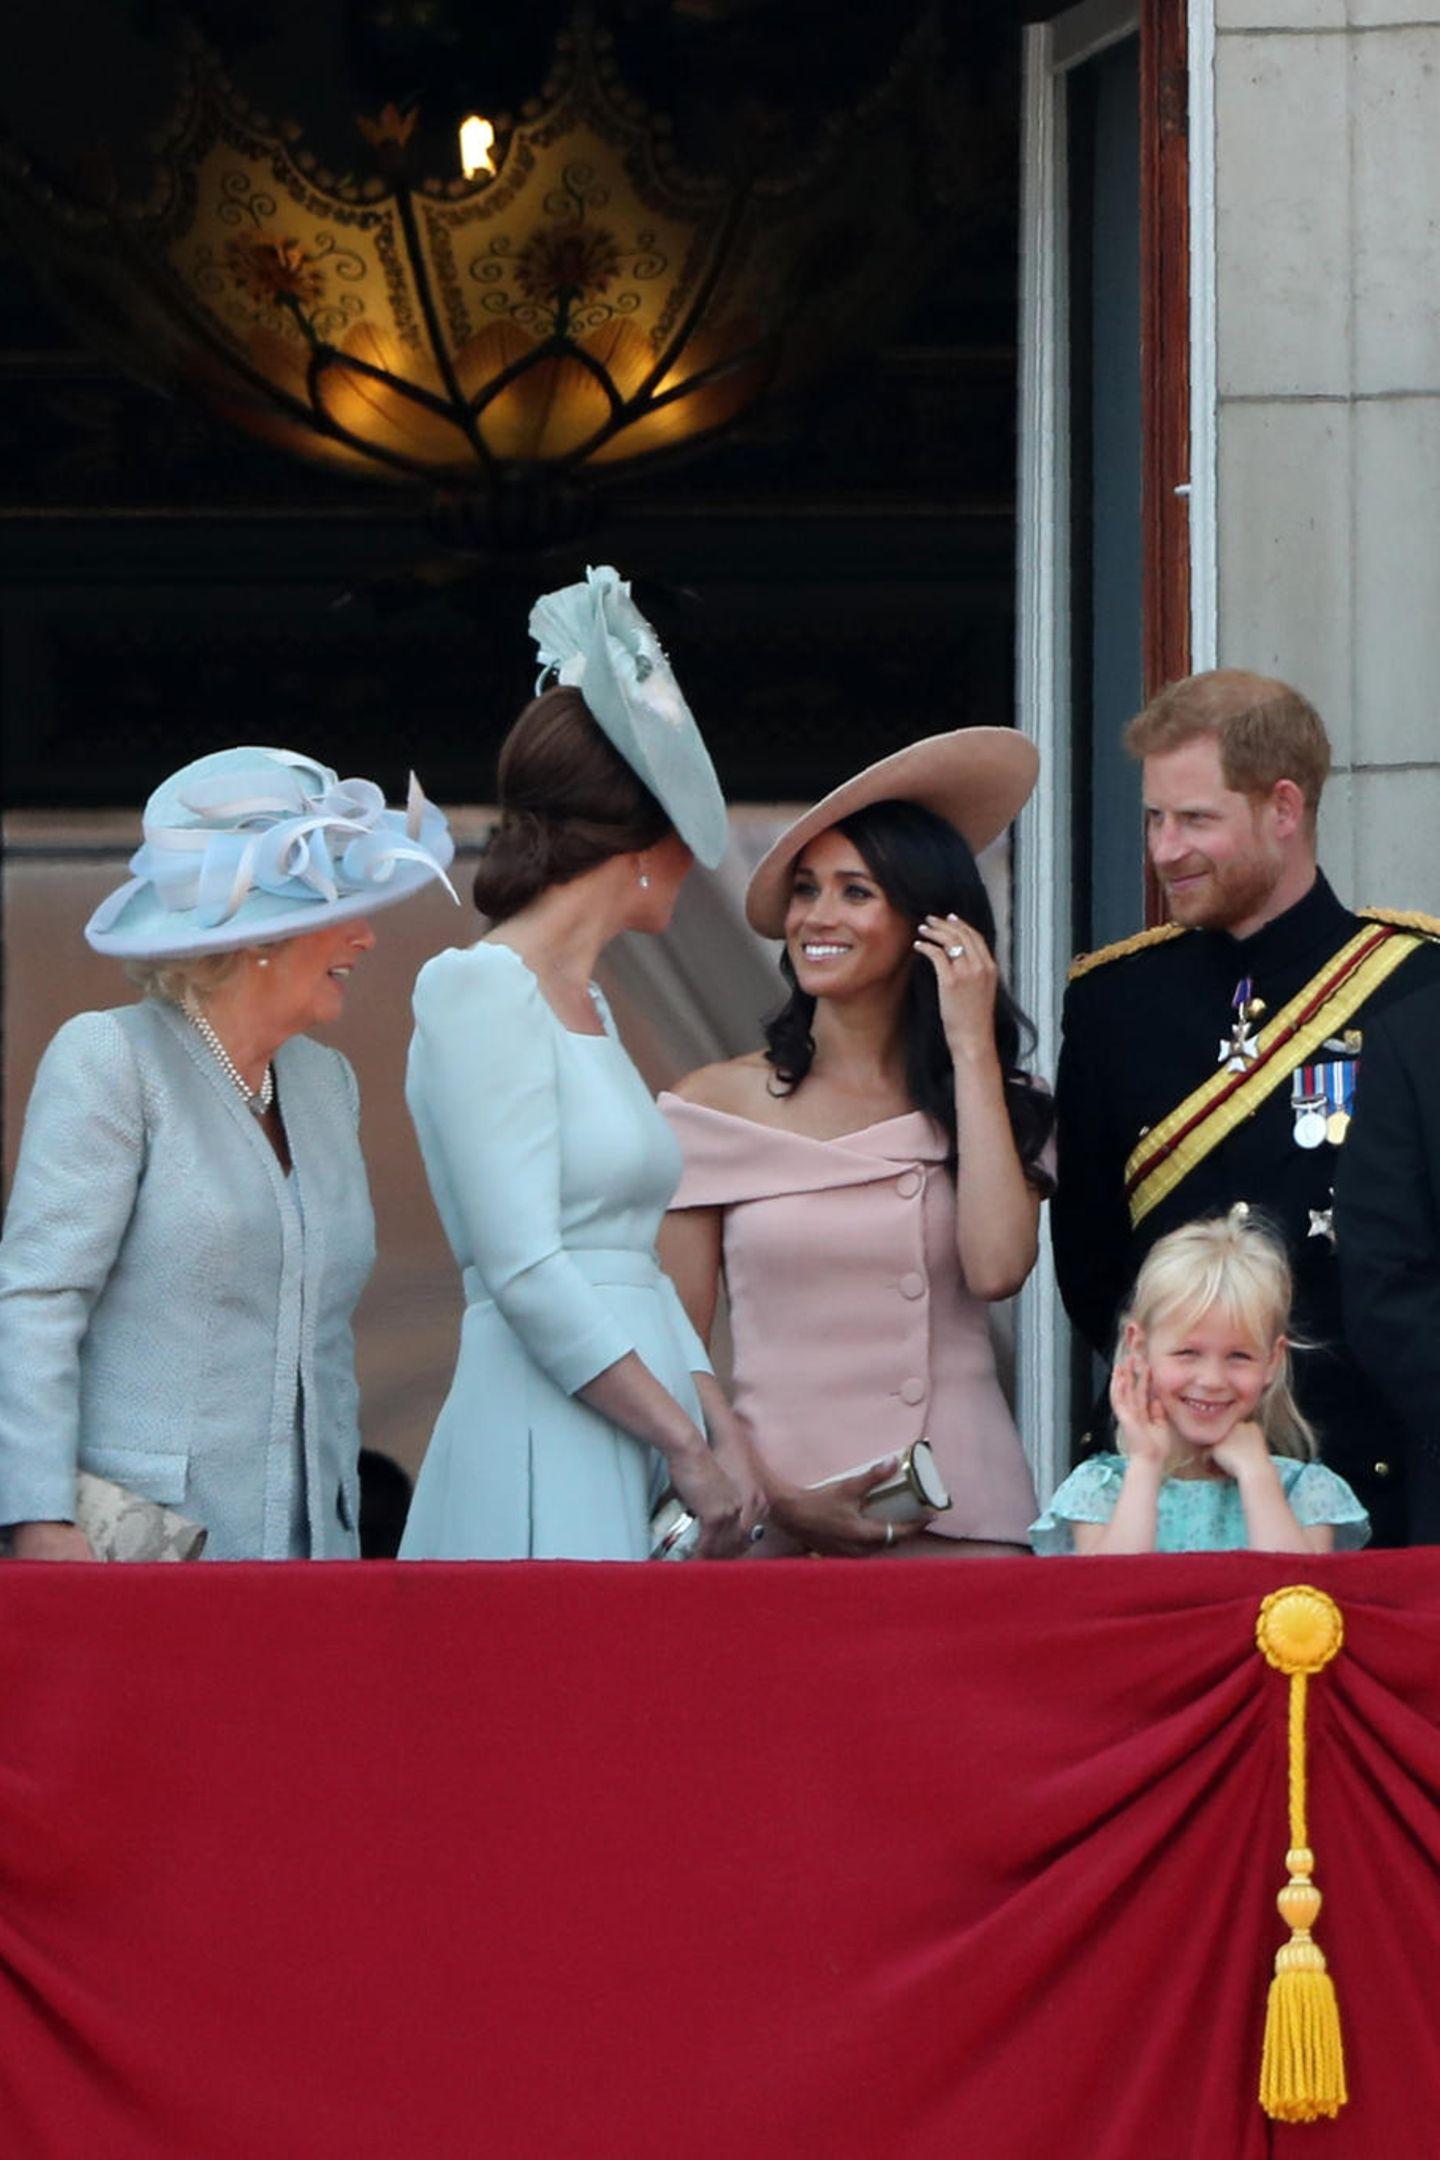 """Meghan wirke nervös, schreibt die englische Presse, zeigt jedoch Verständnis. Dass Kate sich zu ihrer Schwägerin umdreht und mir ihr plaudert, wird als """"süße Geste"""" quittiert. Einziger Kritikpunkt an der Neu-Herzogin: Meghan begehe mit dem Zeigen ihrer nackten Schulter einen Protokollbruch;eine solche Offenherzigkeit gehöre sich nicht für einen Royal."""